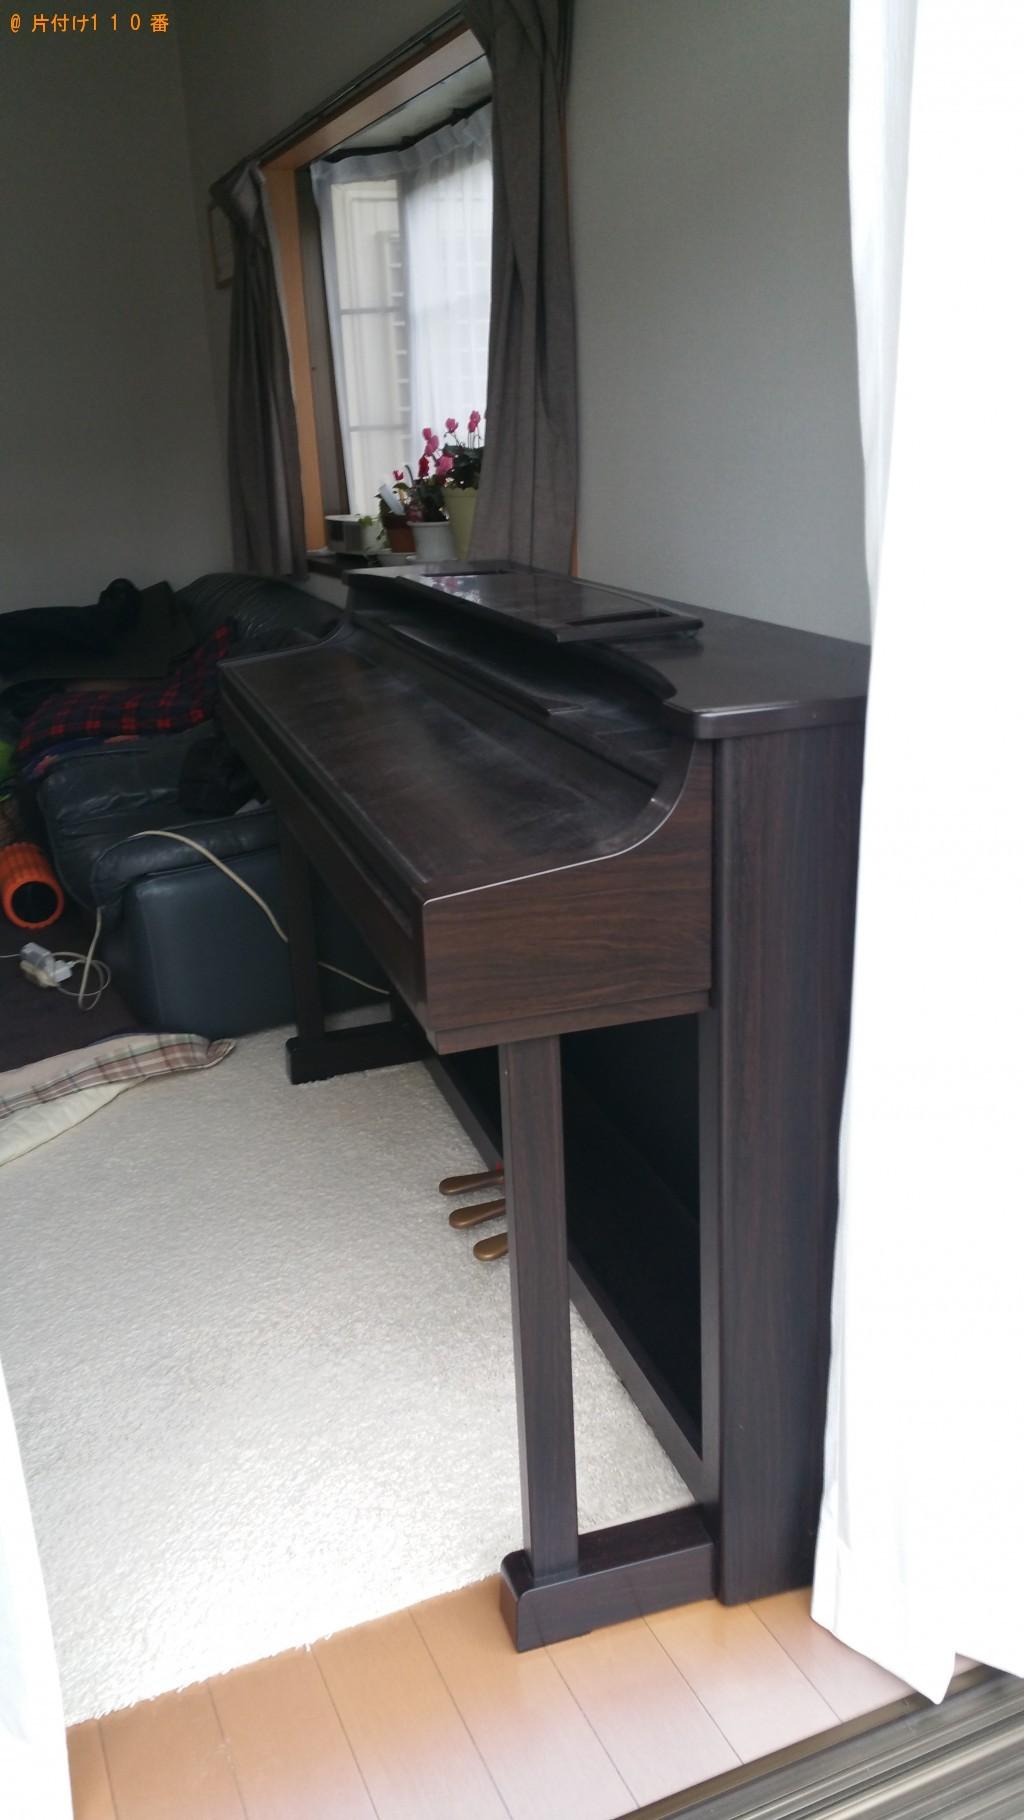 【伊予郡砥部町】電子ピアノの回収・処分ご依頼 お客様の声